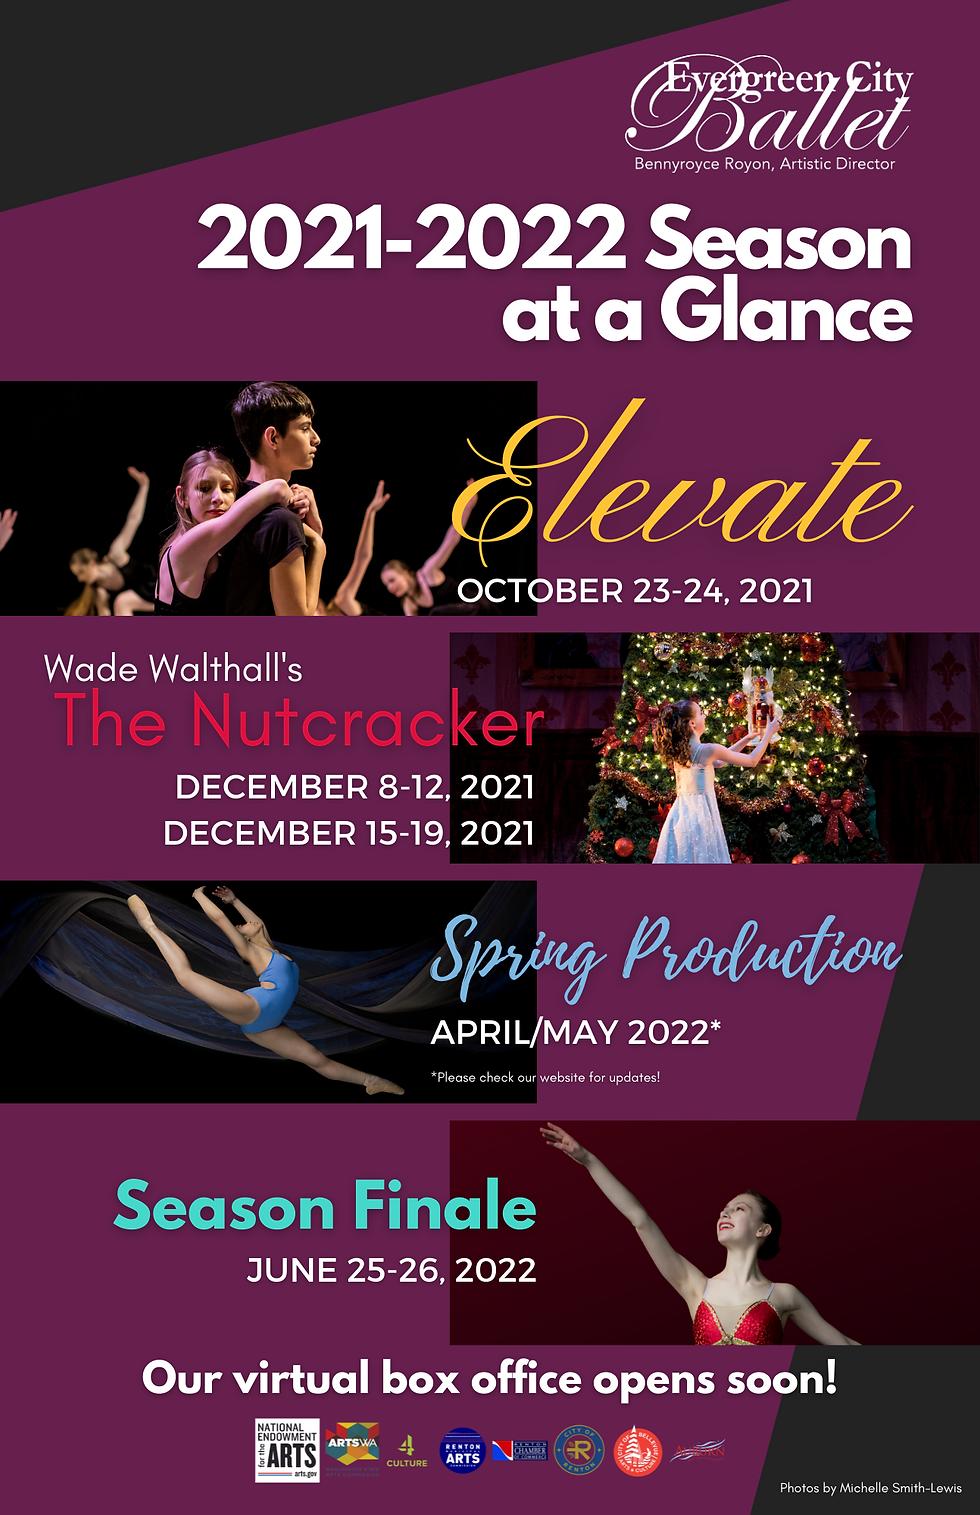 2021-2022 Season at a Glance - 11 x 17 Poster (1).png